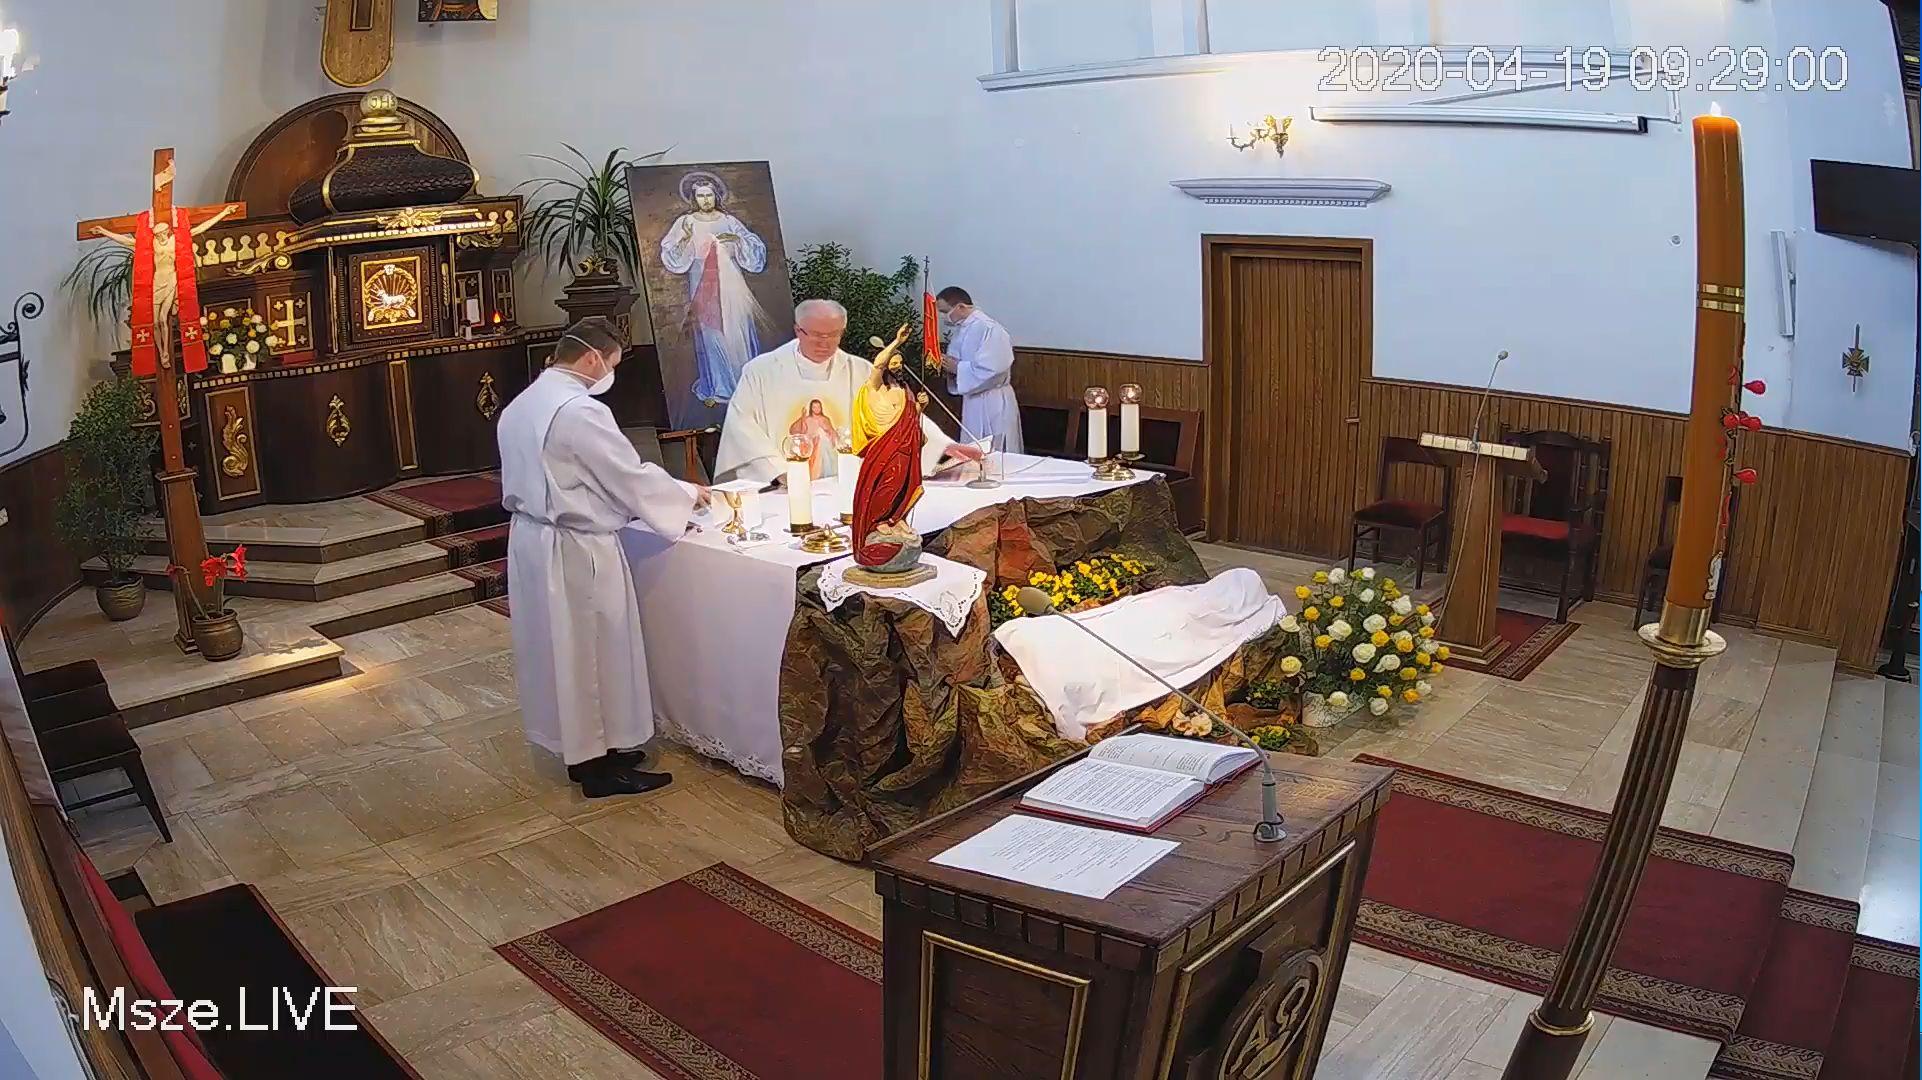 Parafia Nawiedzenia Najświętszej Maryi Panny w Garbatce